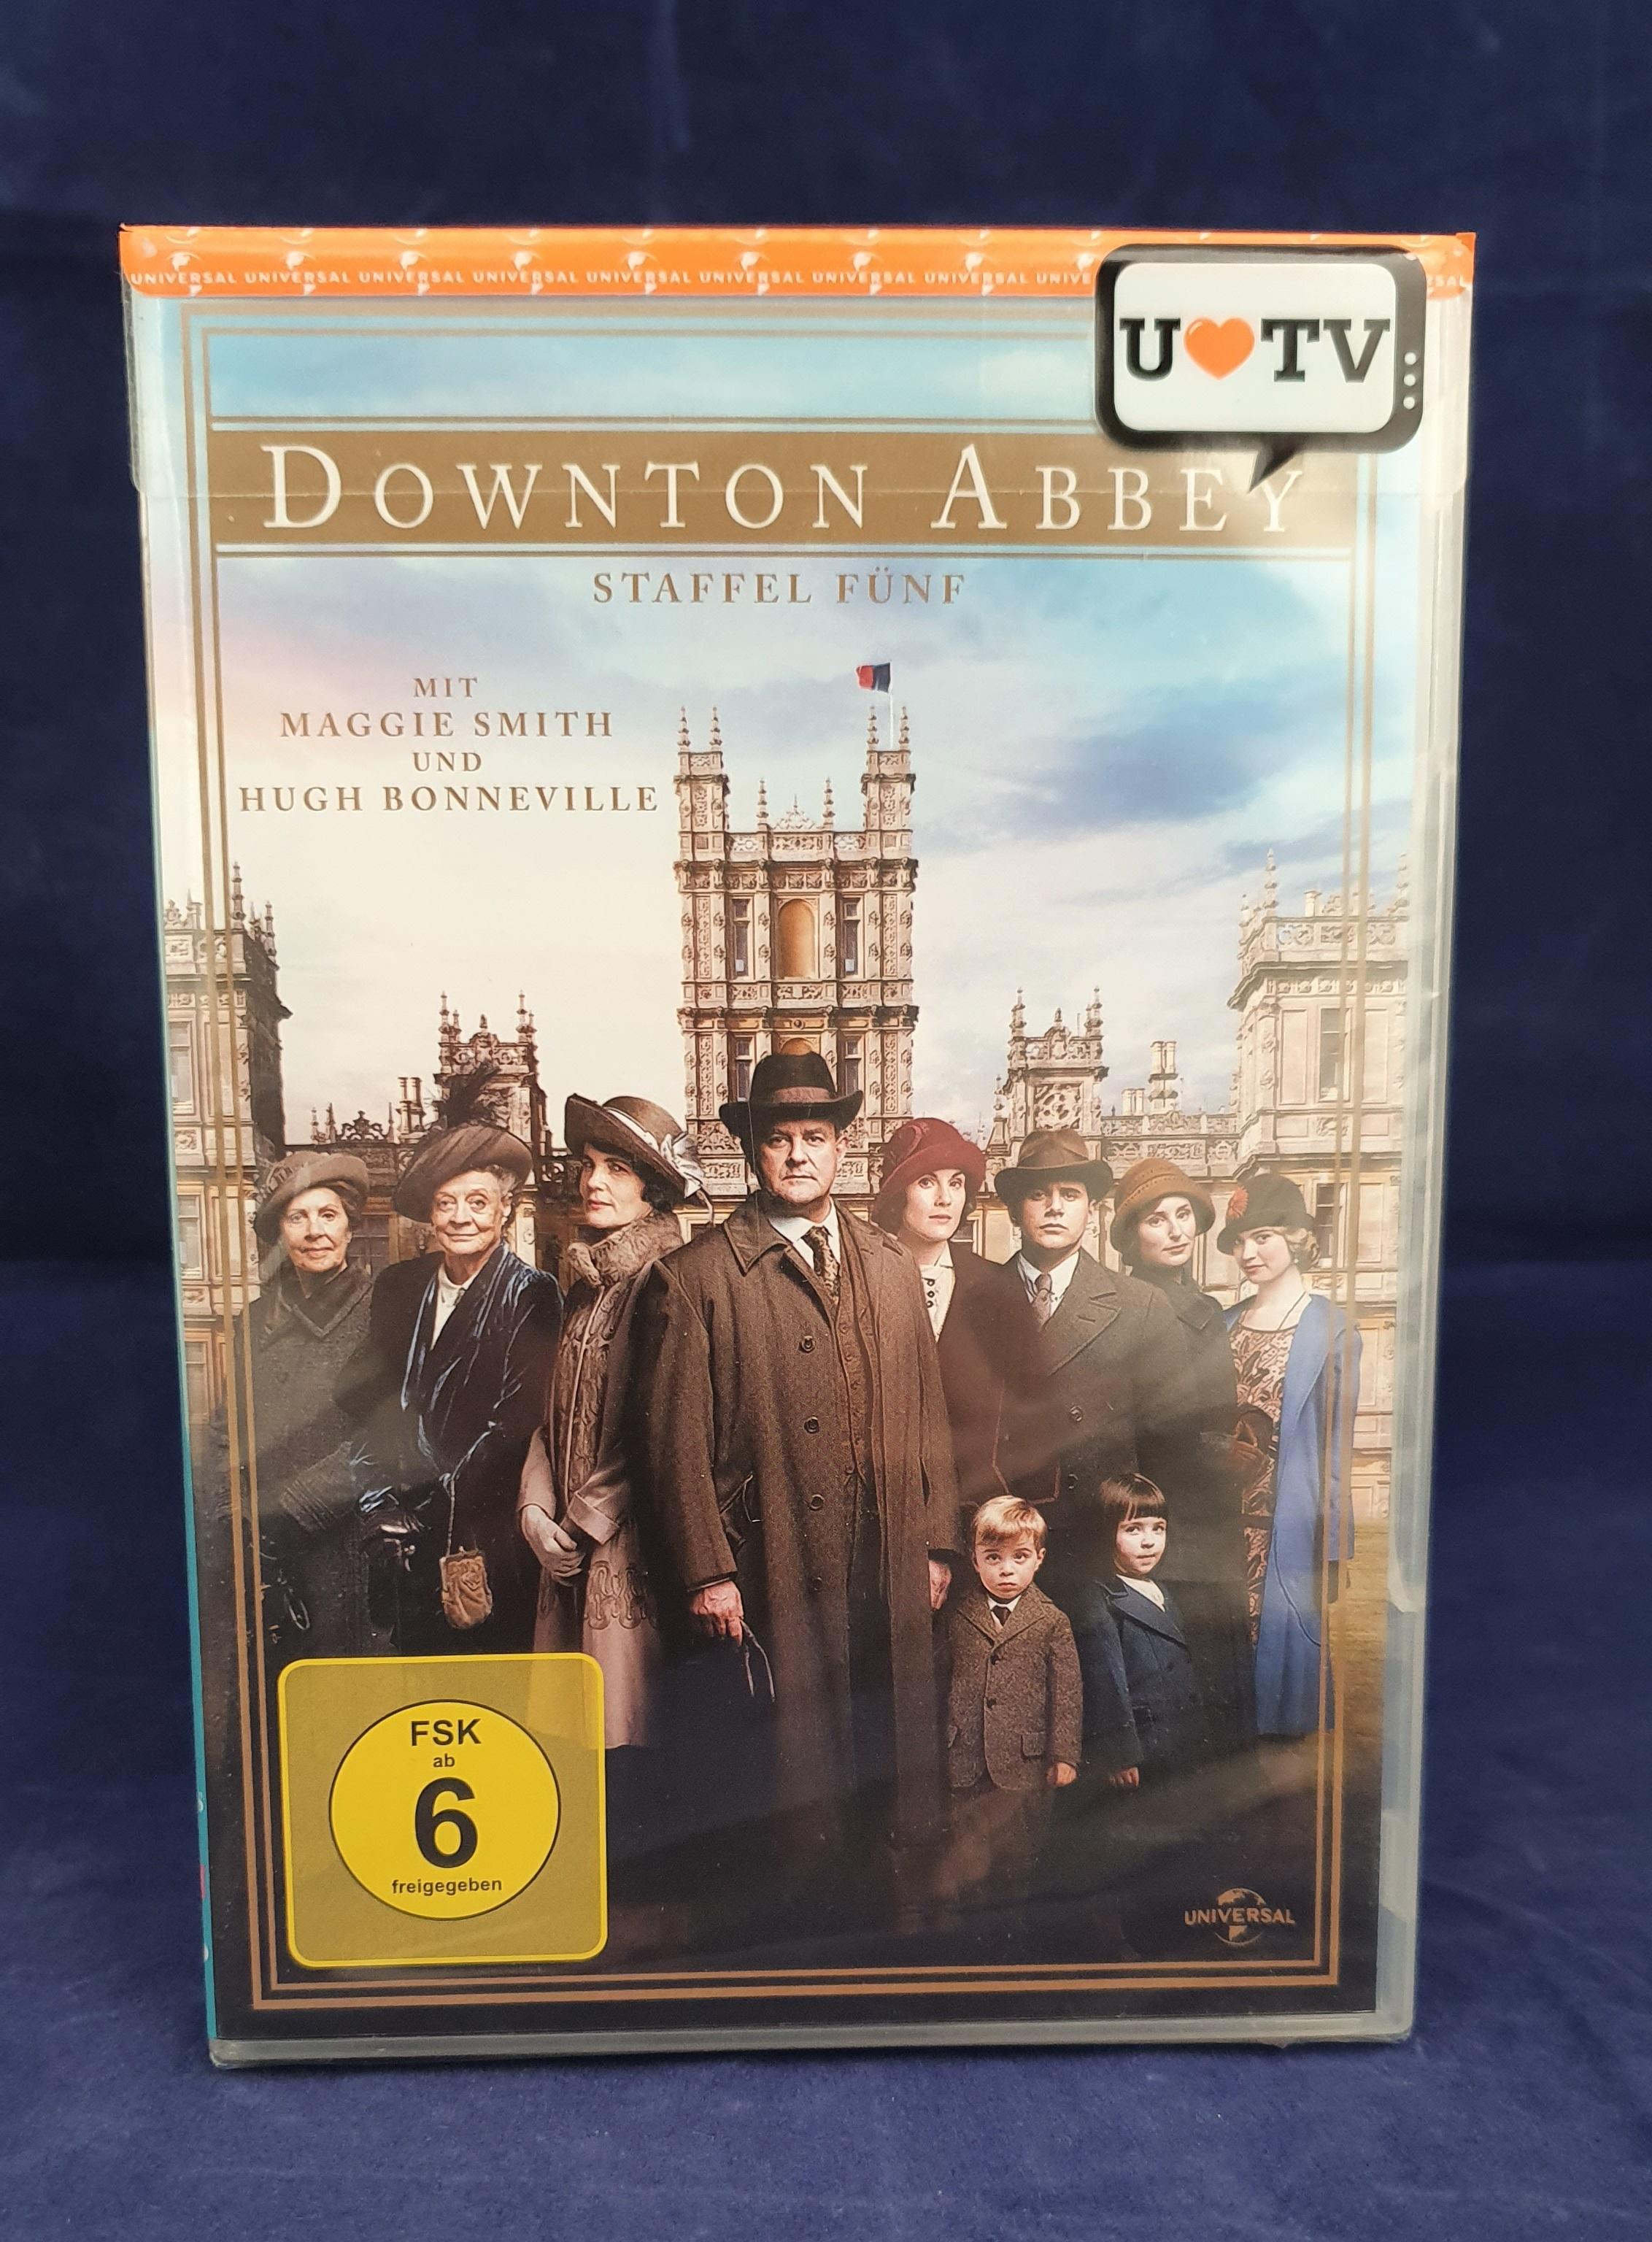 Downton Abbey Staffel 5